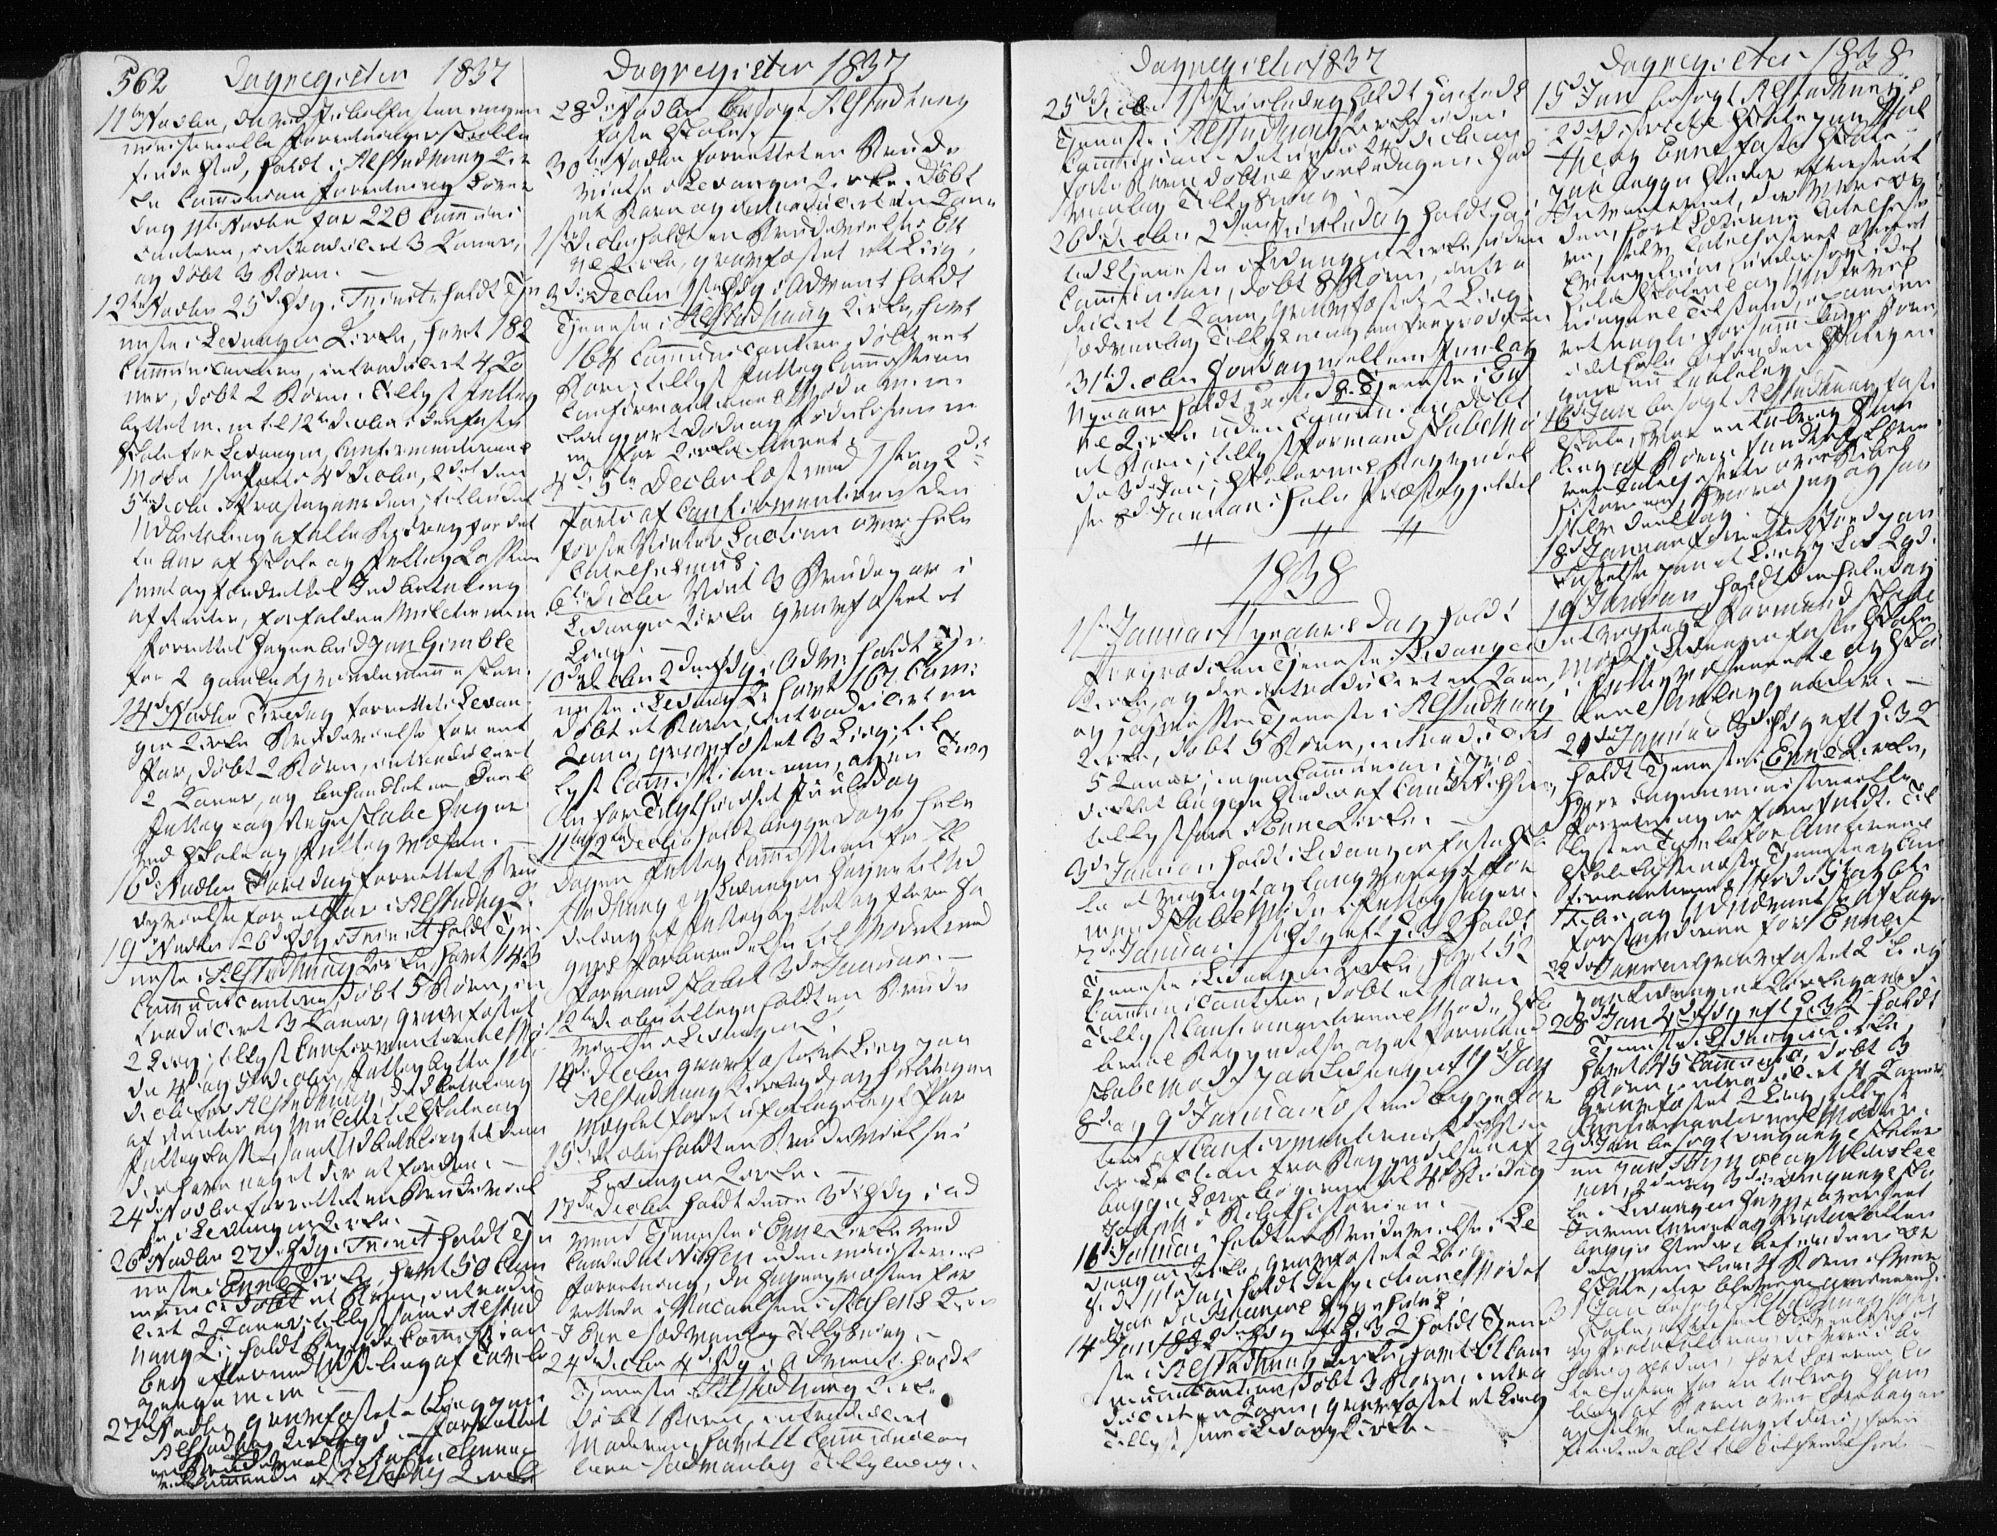 SAT, Ministerialprotokoller, klokkerbøker og fødselsregistre - Nord-Trøndelag, 717/L0154: Ministerialbok nr. 717A06 /1, 1836-1849, s. 562